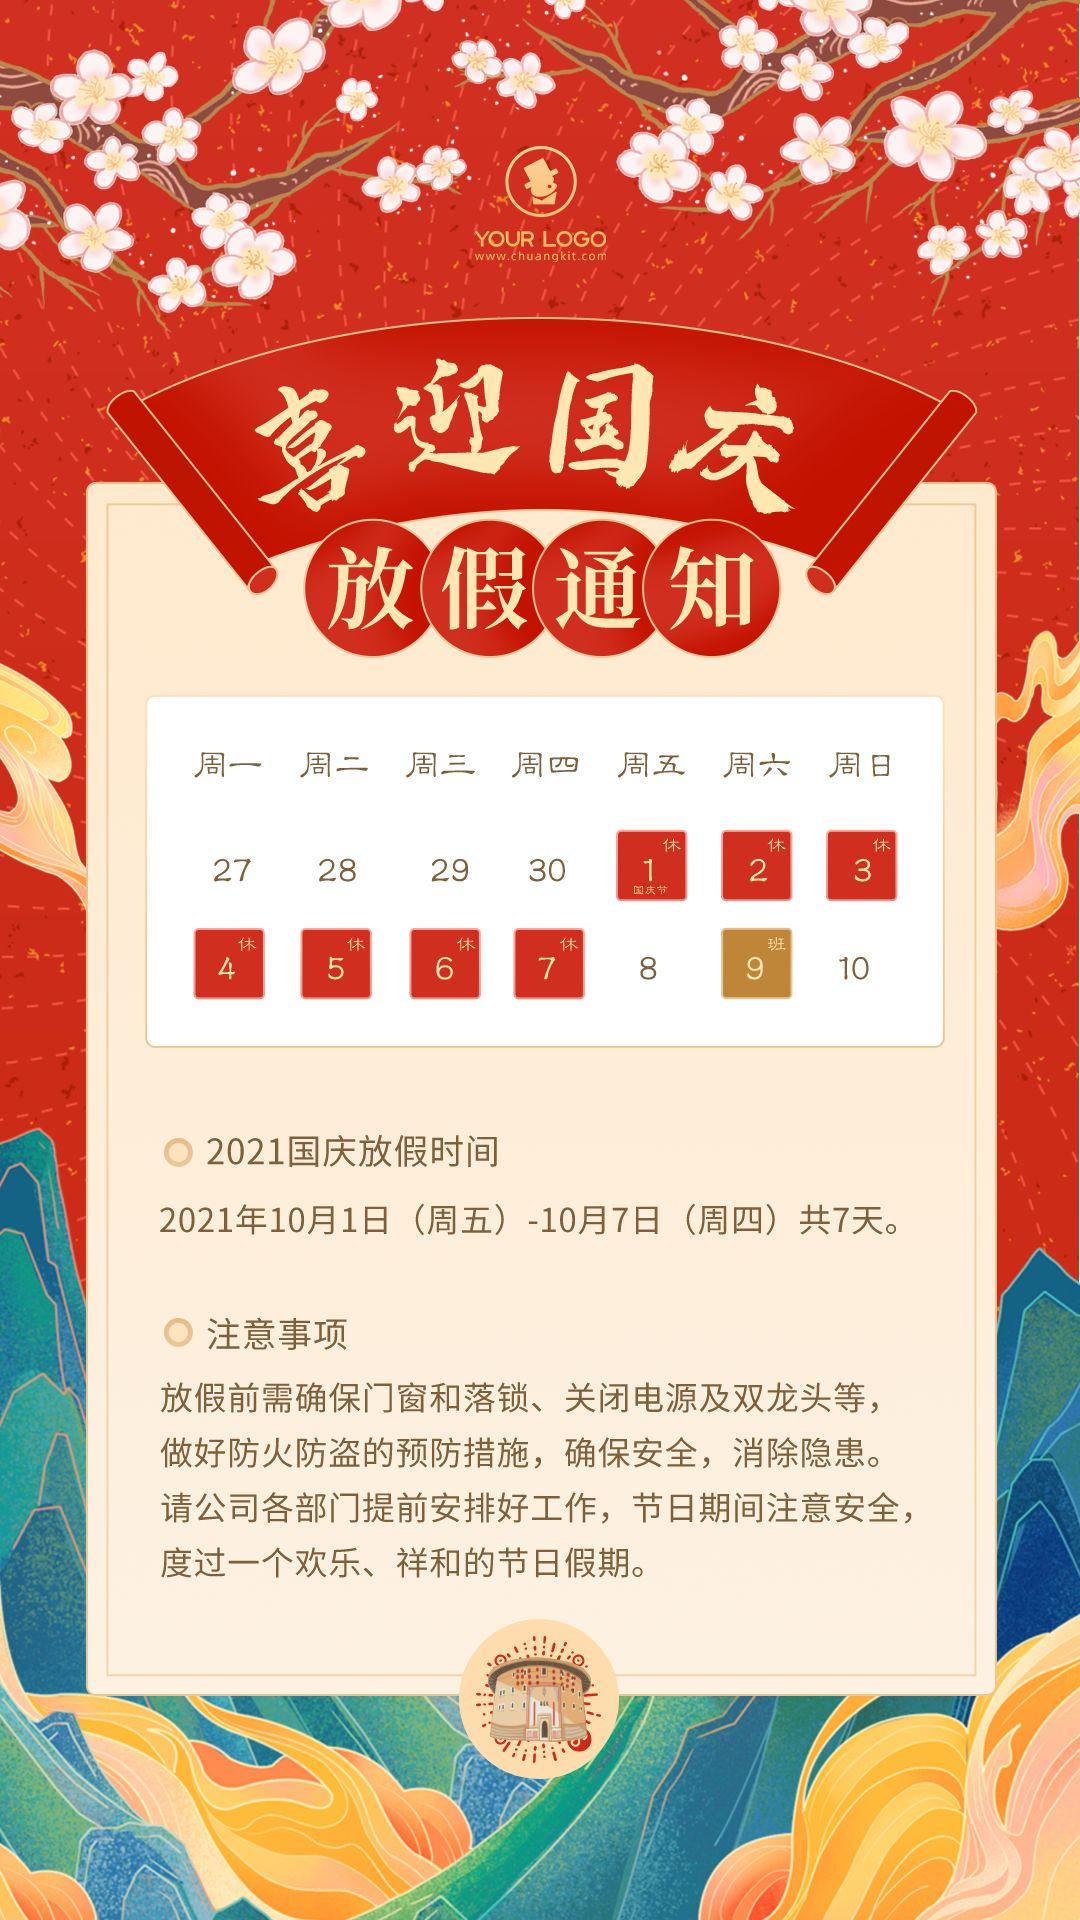 四川大圆新型节能建材有限公司2021年国庆节放假通知